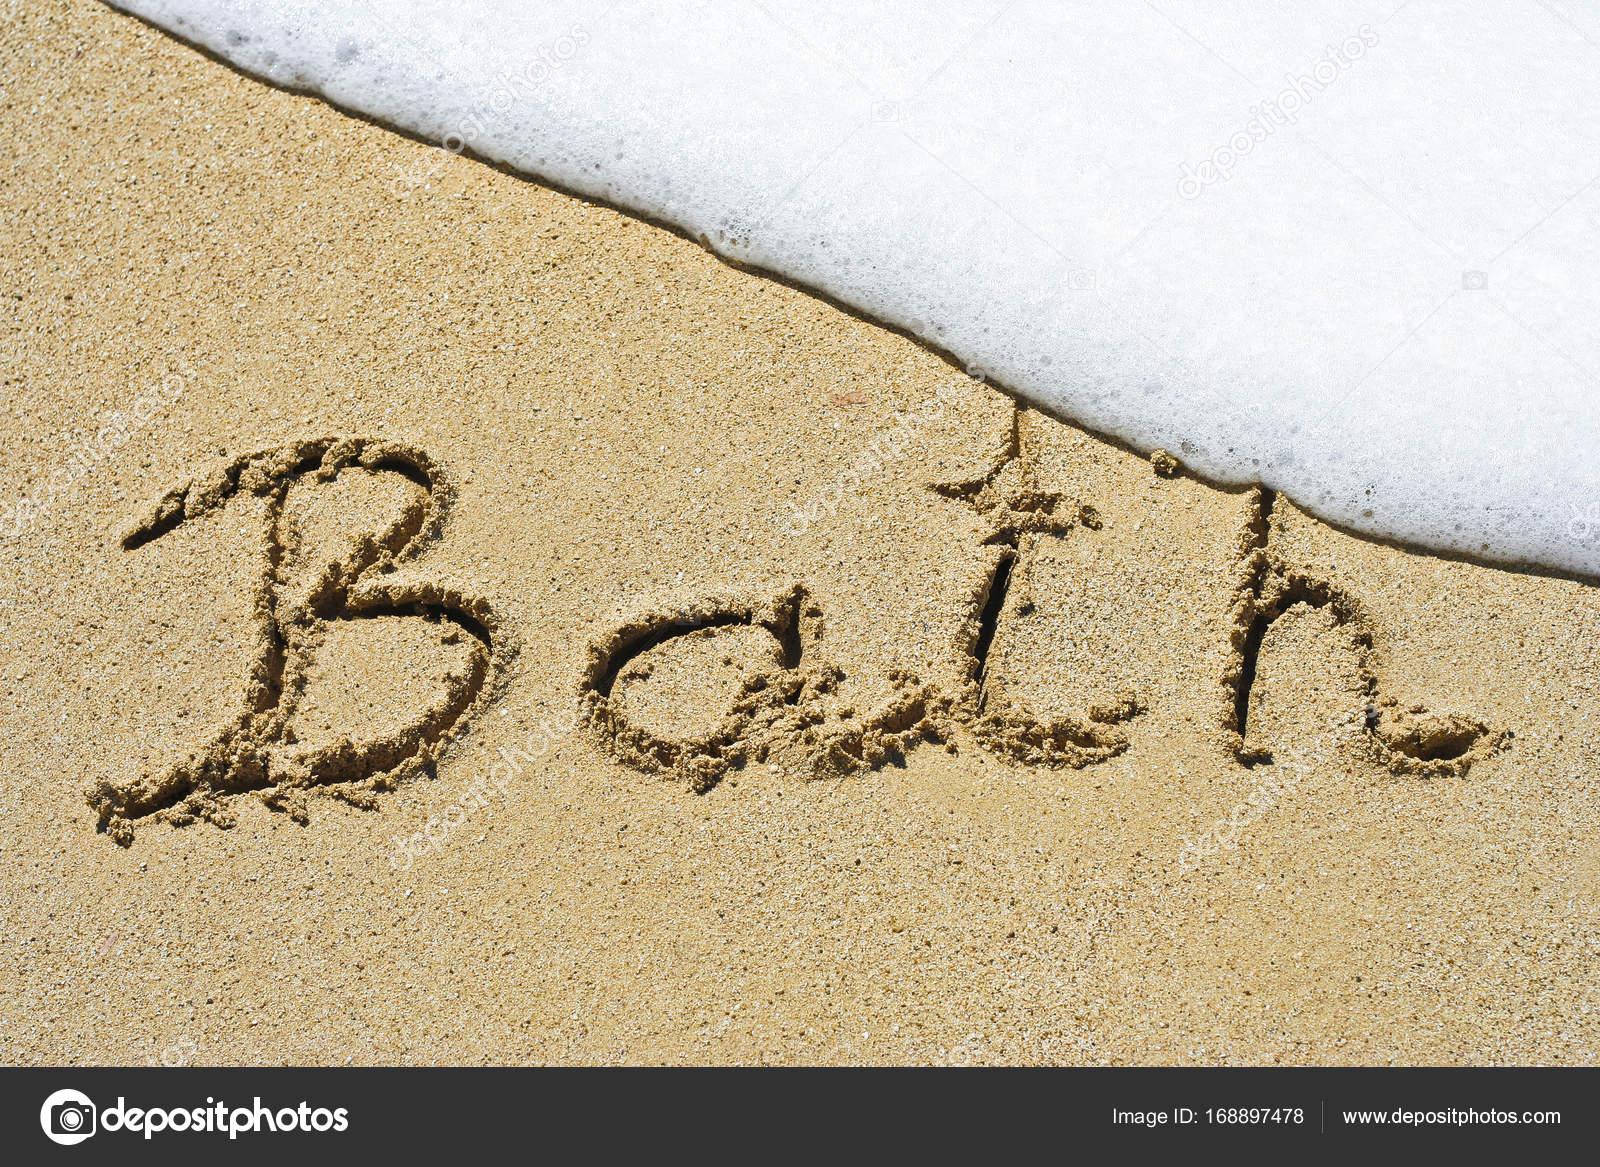 Vasca Da Bagno Disegno : Vasca da bagno a mano in sabbia naturale simbolo turismo o